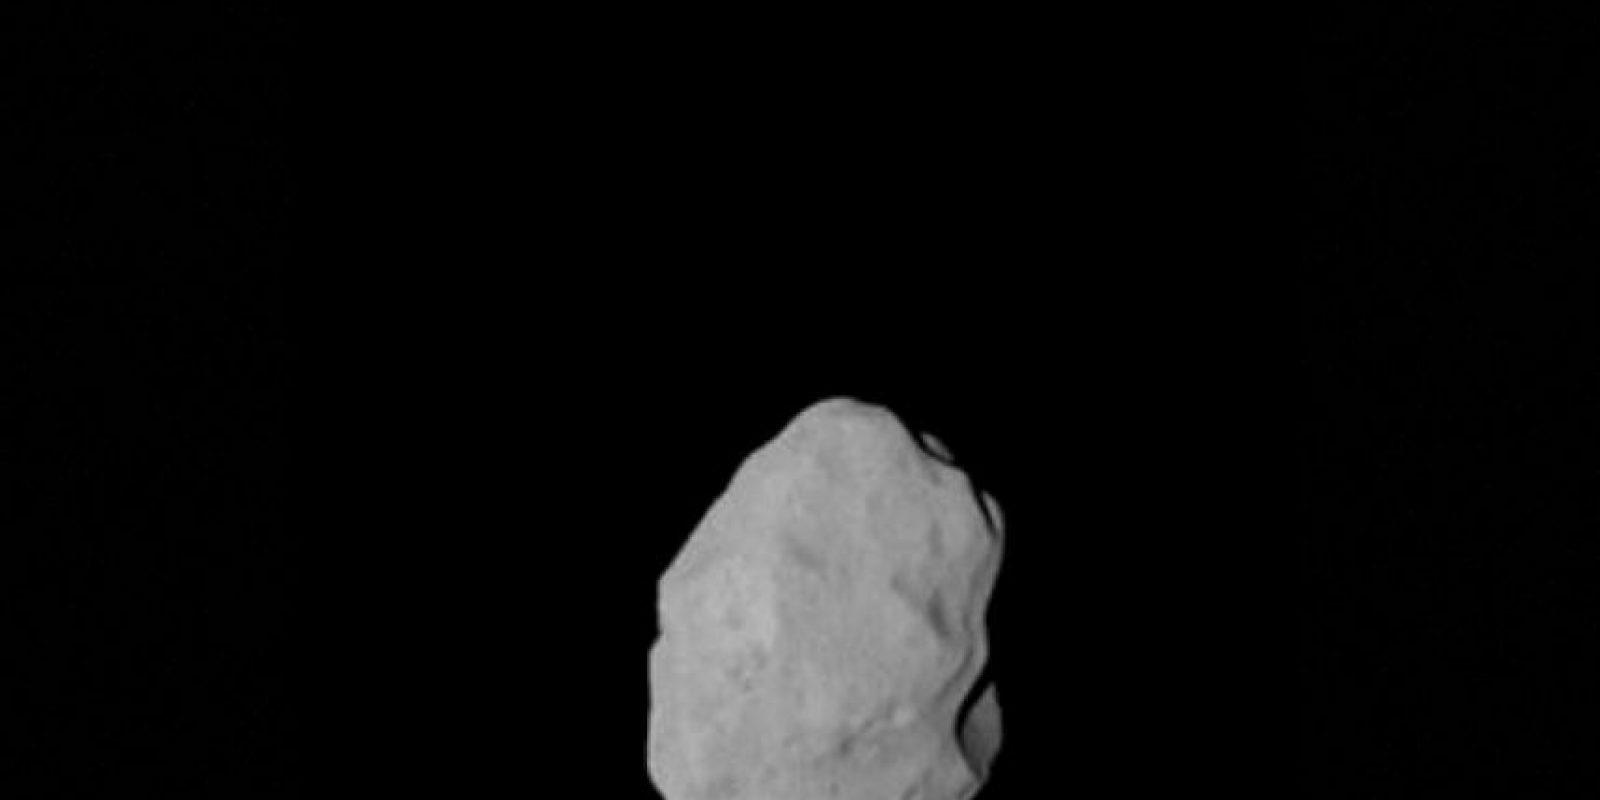 Hasta ahora, los científicos han registrado el 90% de los asteroides que se encuentran cerca del planeta. Foto:nasa.gov